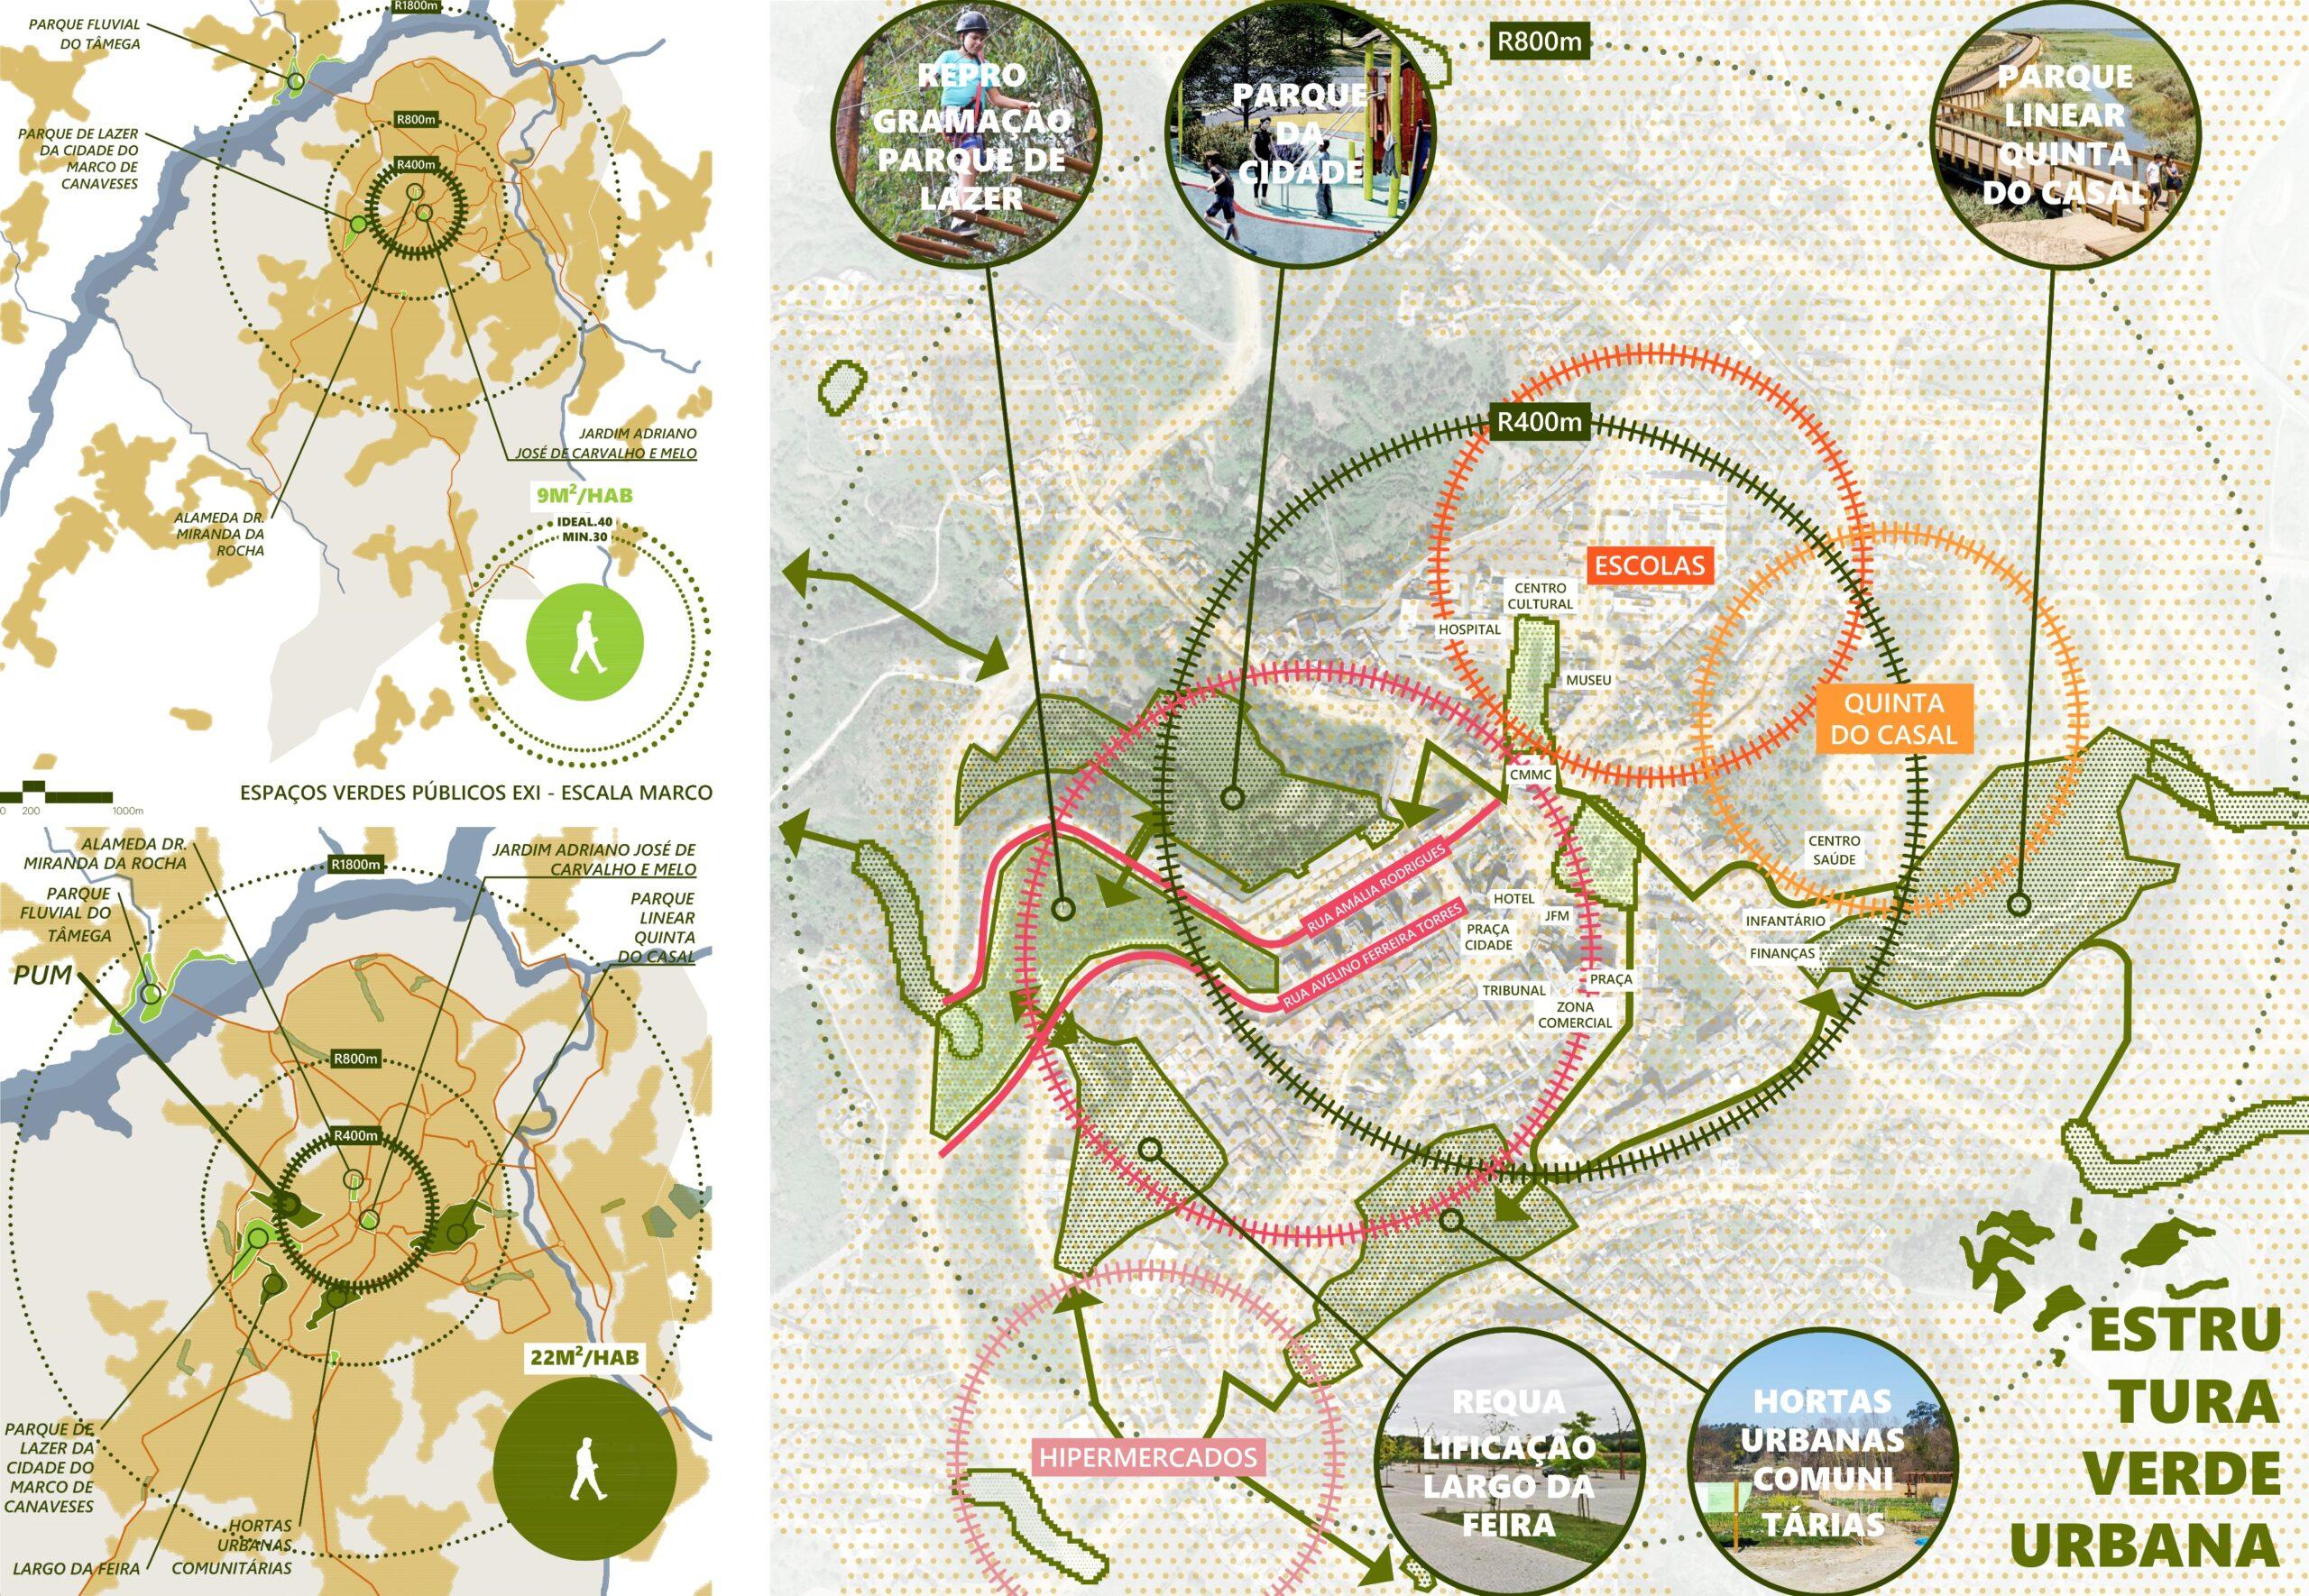 parque urbano do marco de canaveses